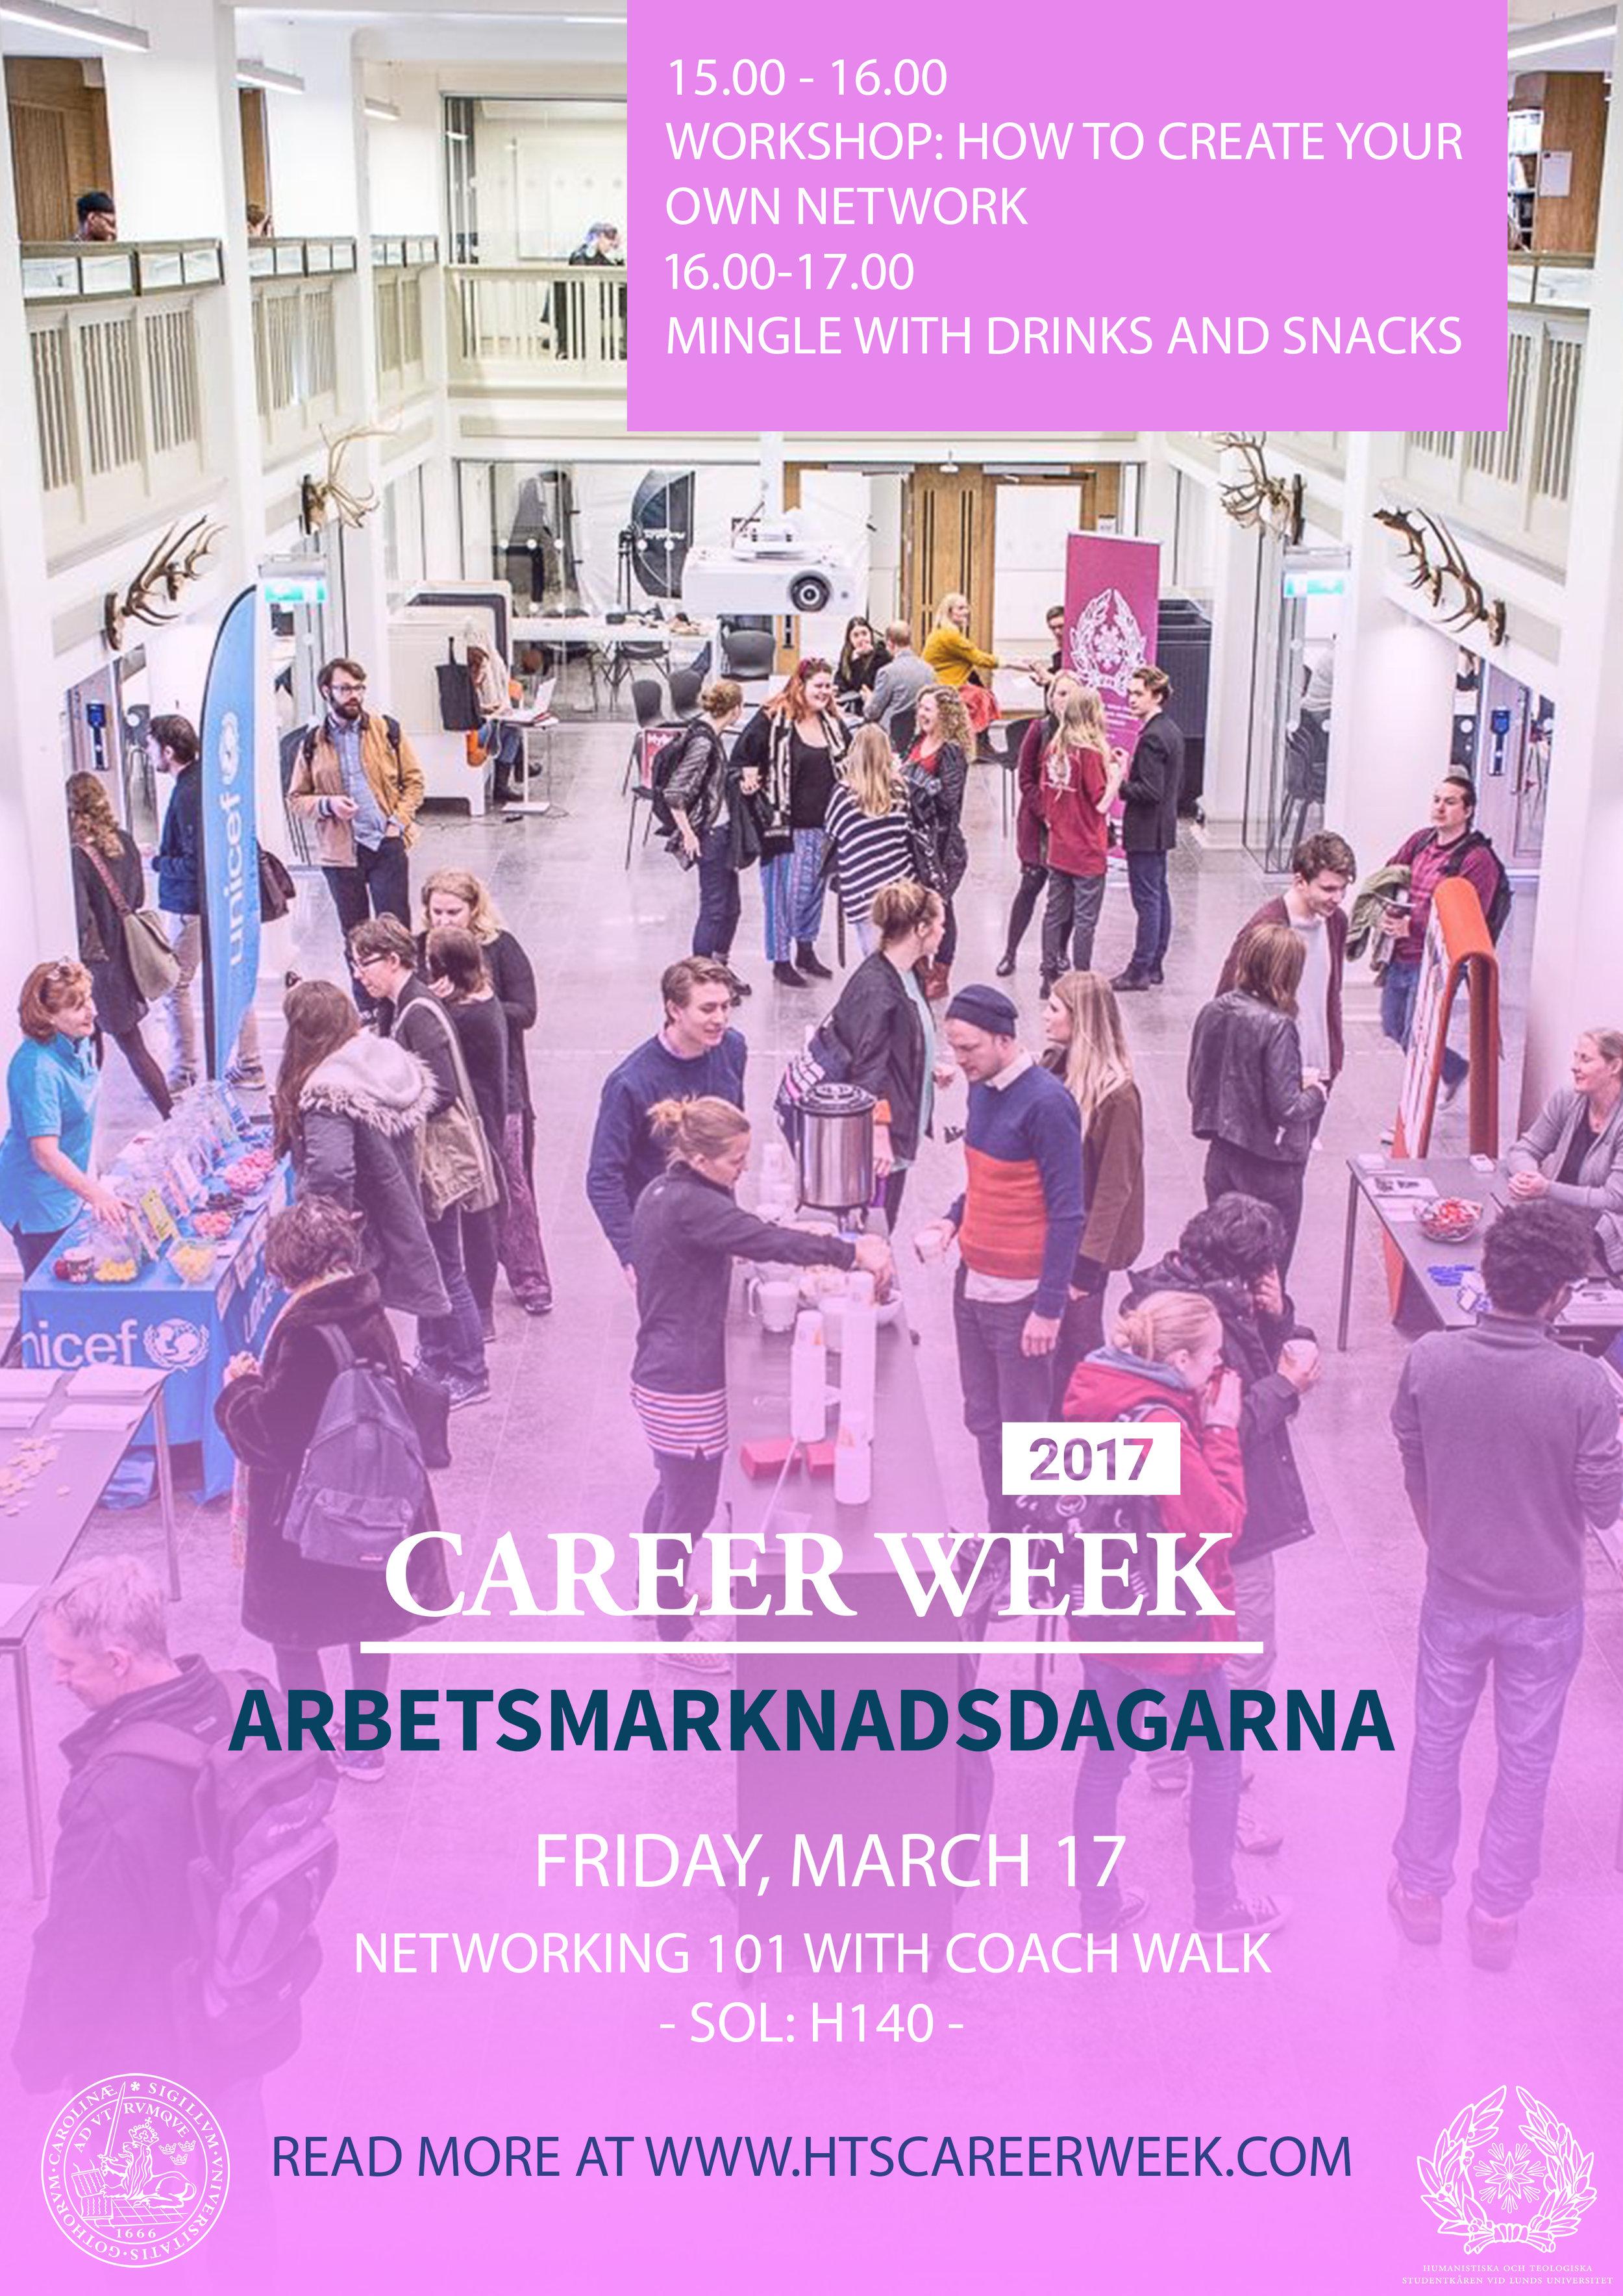 careerweek_NETWORKING-2.jpg